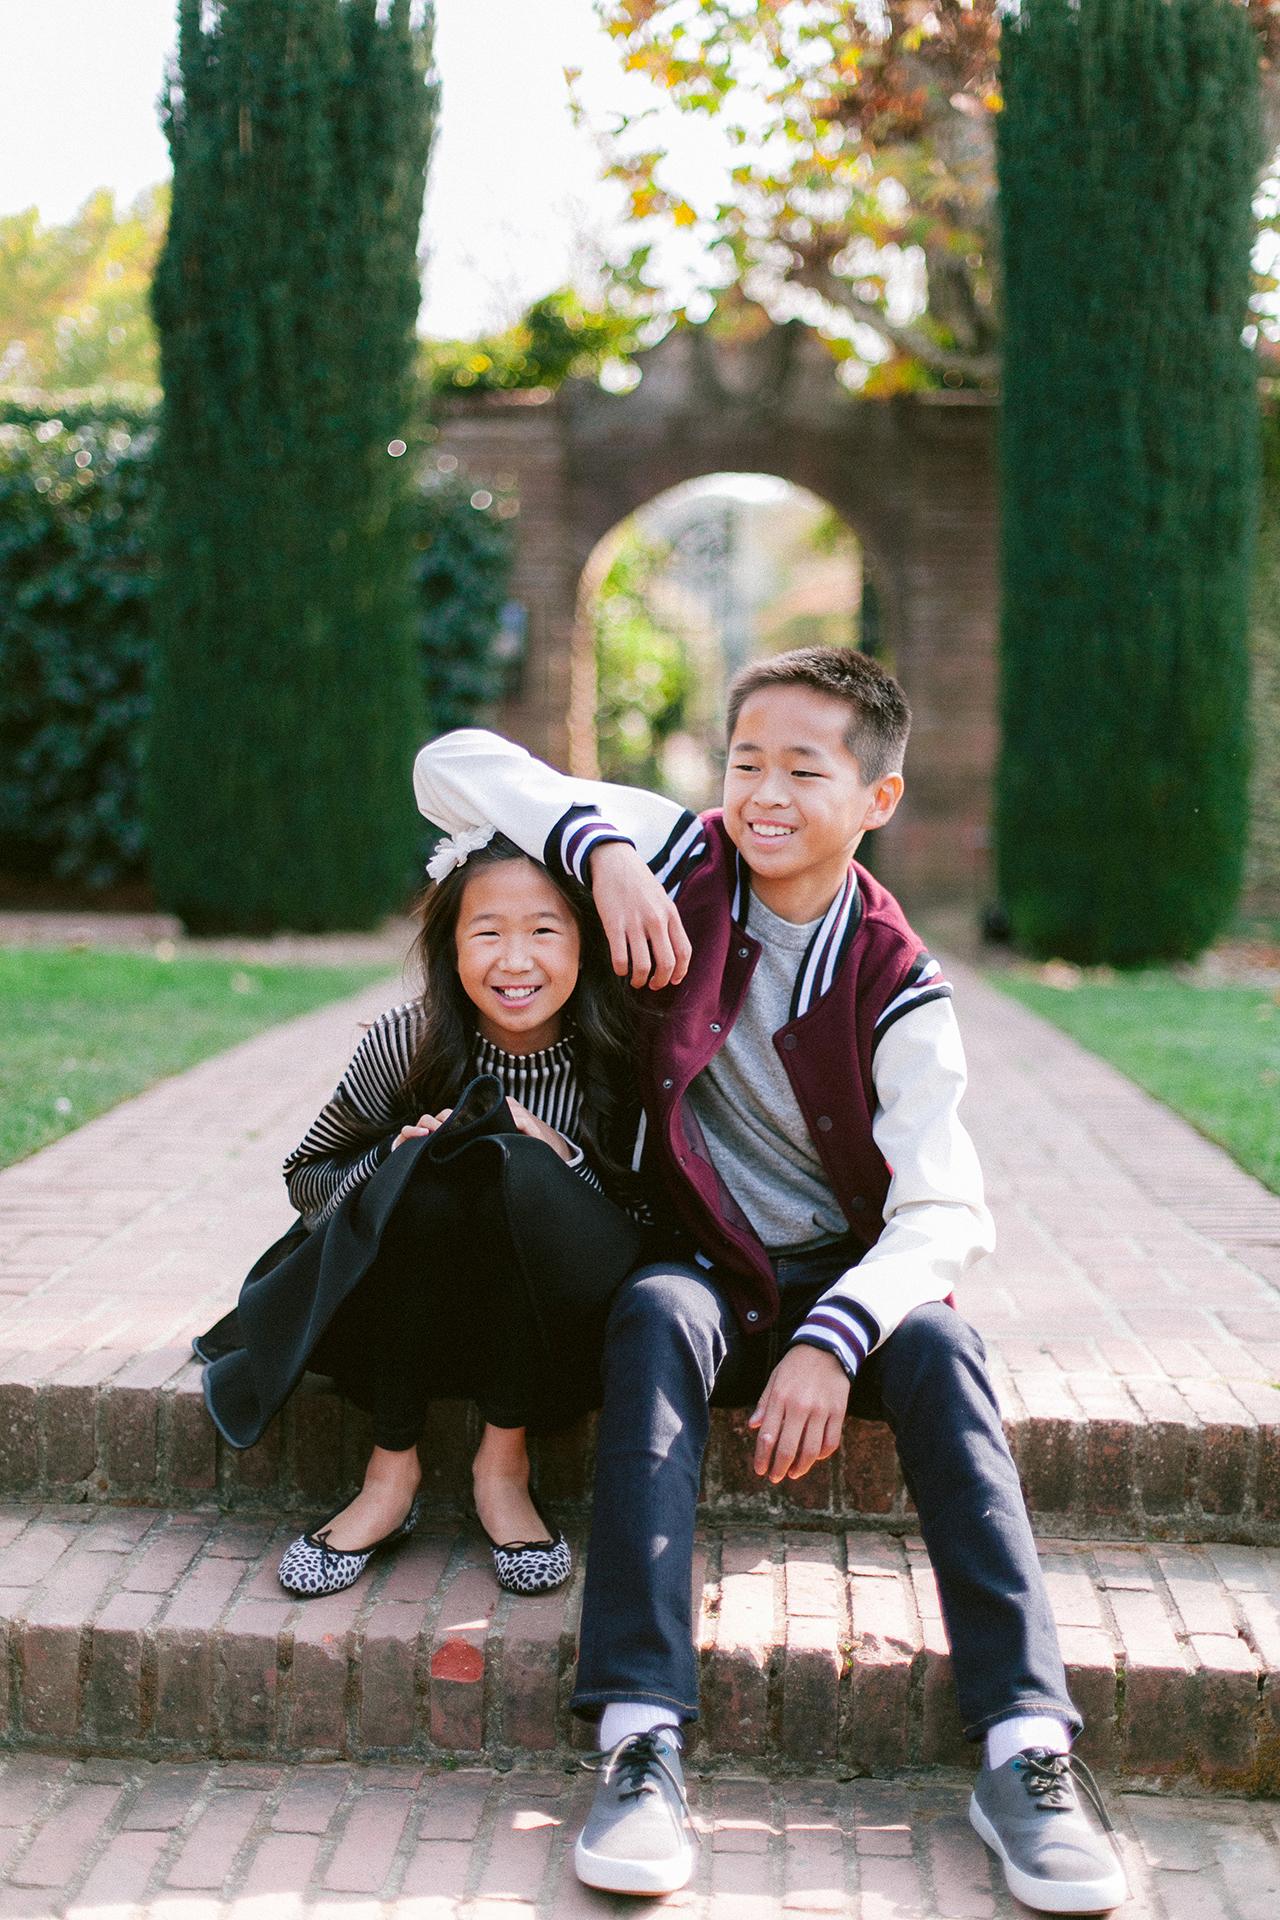 Fioli_Gardens_Woodside_Children_and_Family_Portrait_008.jpg